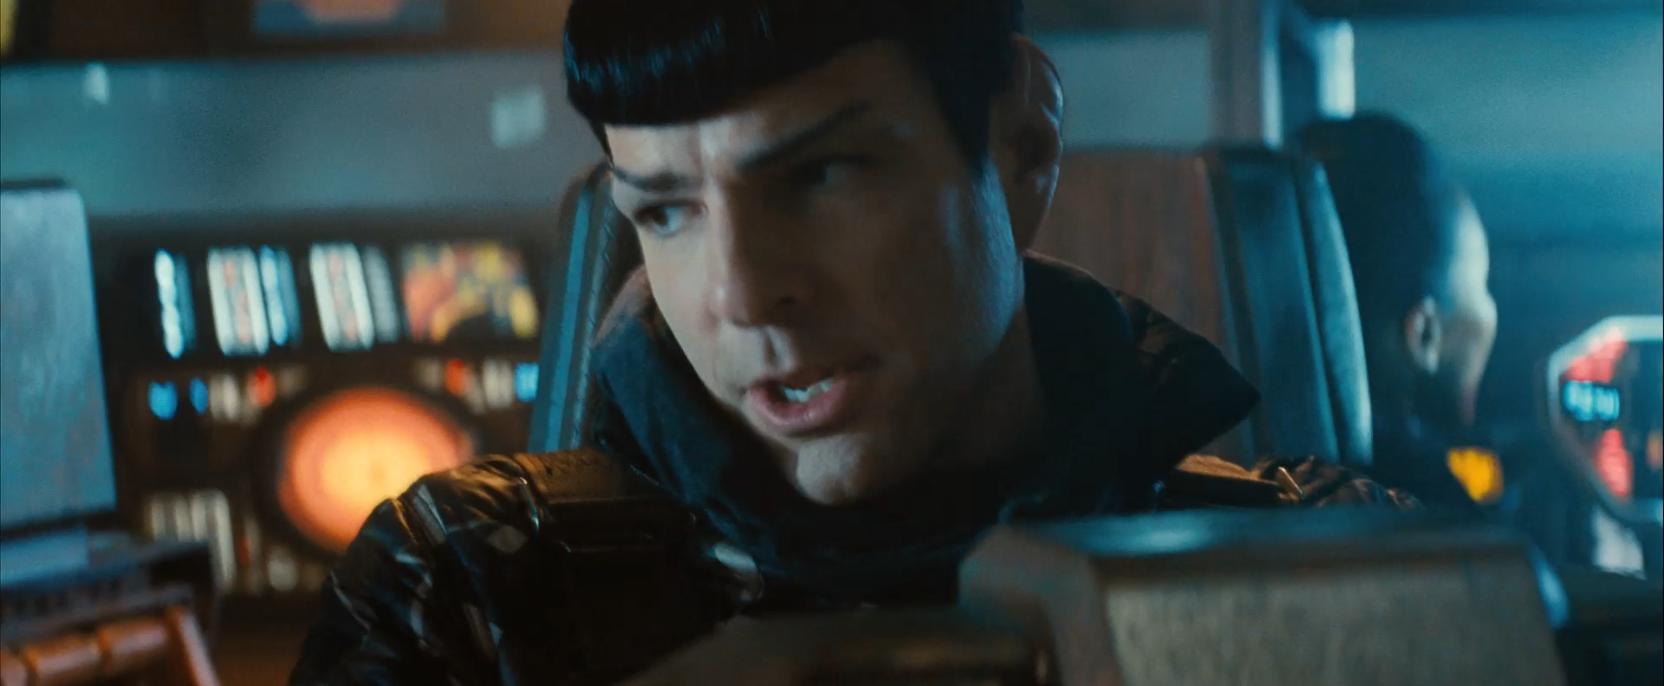 Star Trek Into Darkness International Trailer! - SciFiEmpire